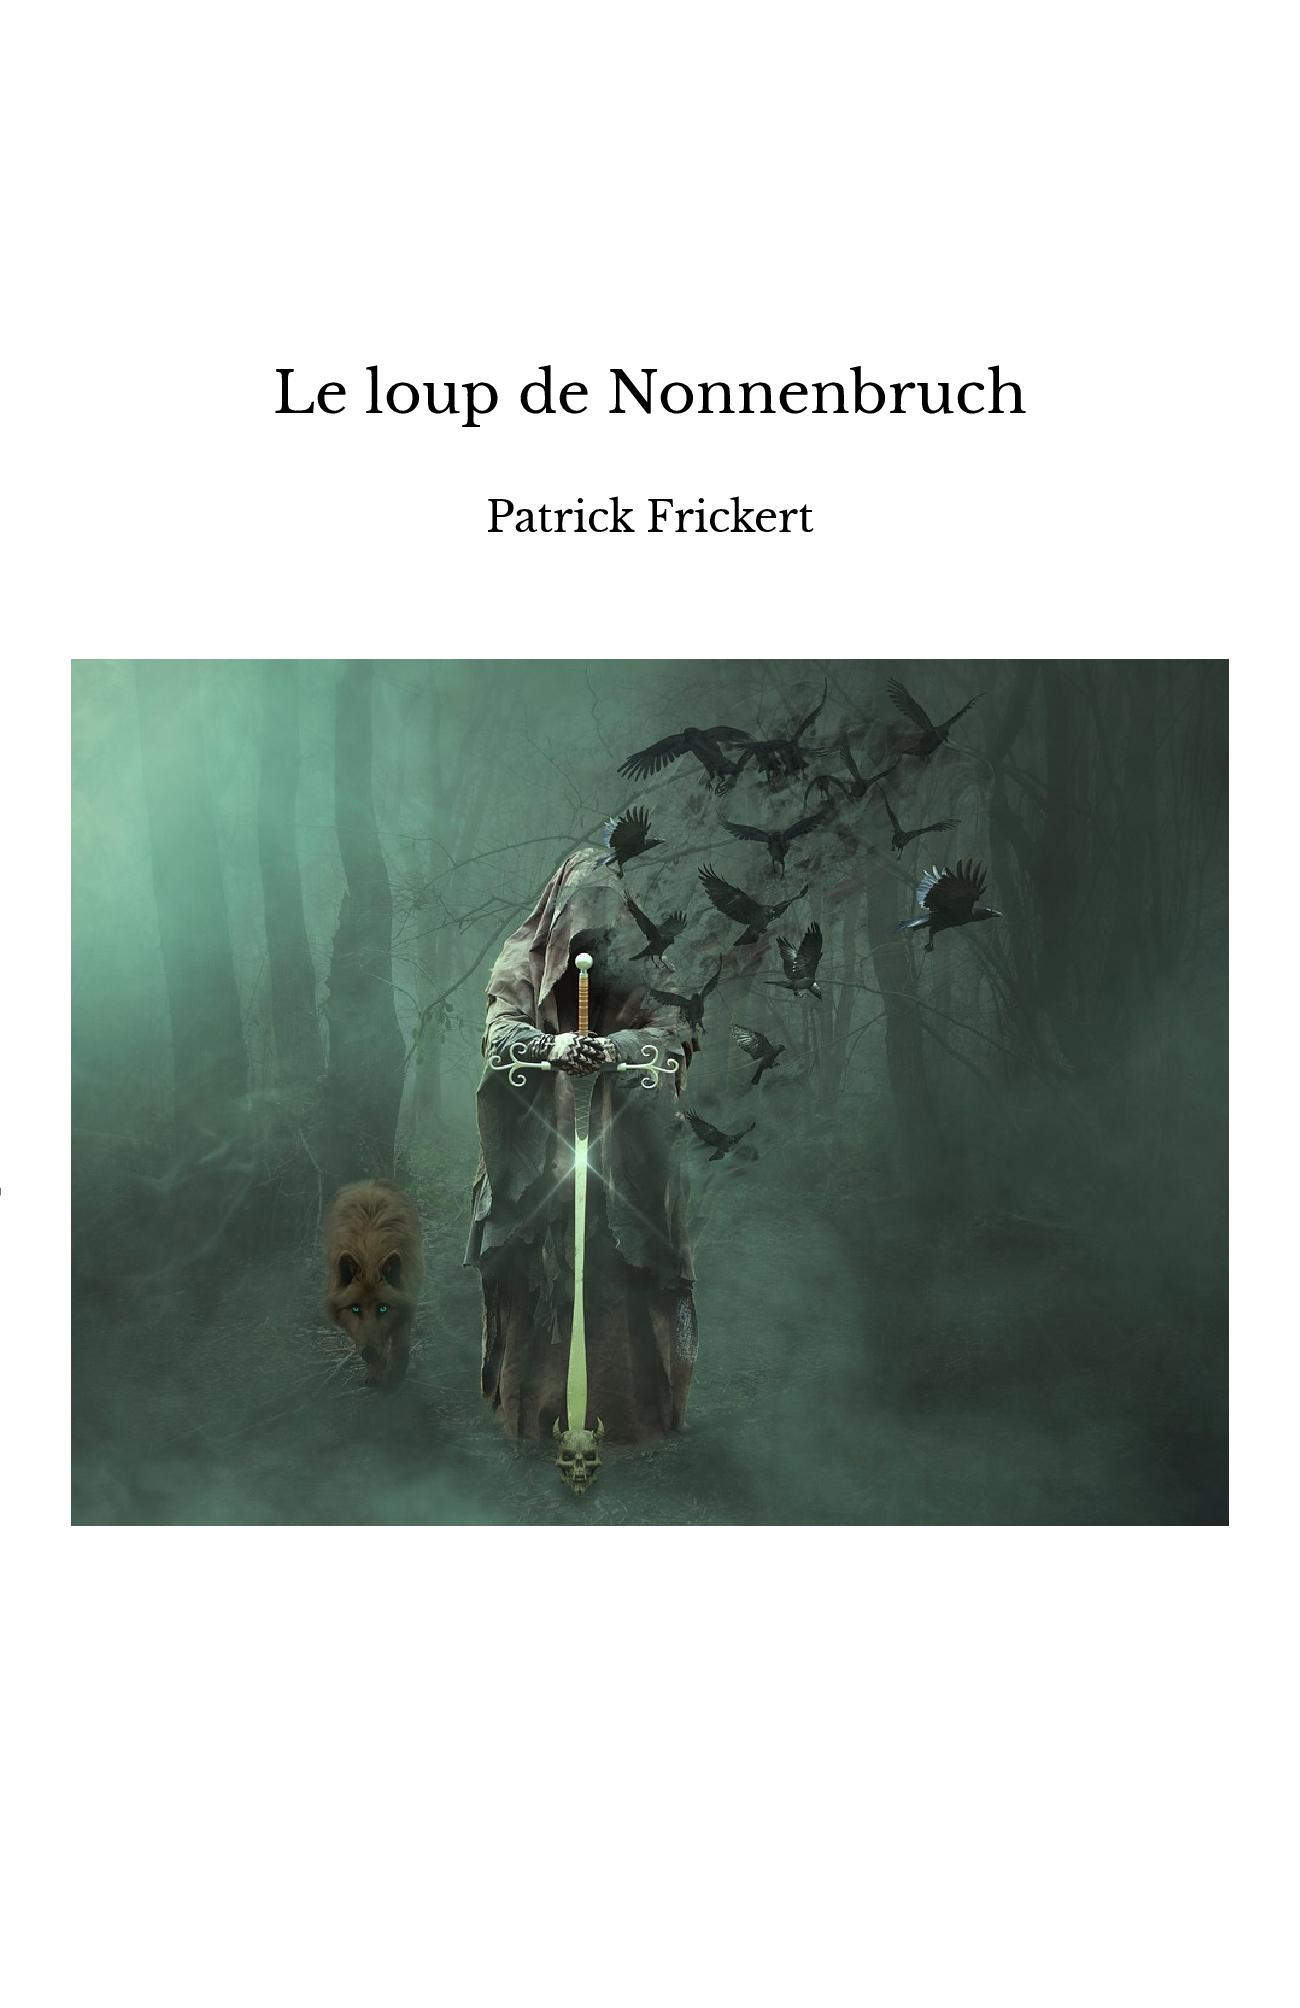 Le loup de Nonnenbruch